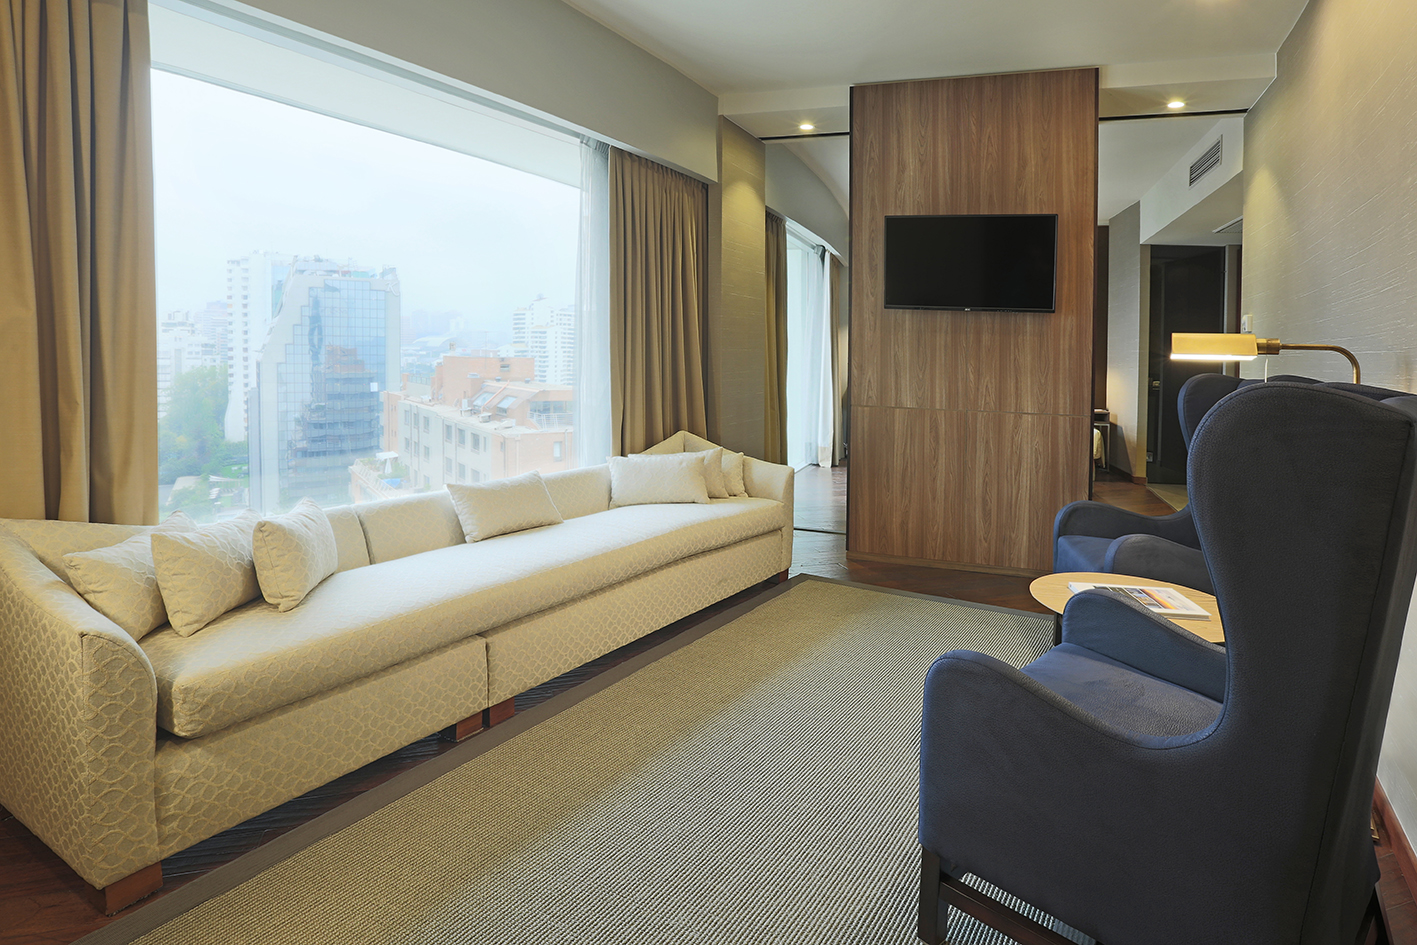 Suite Hotel Cumbres Vitacura